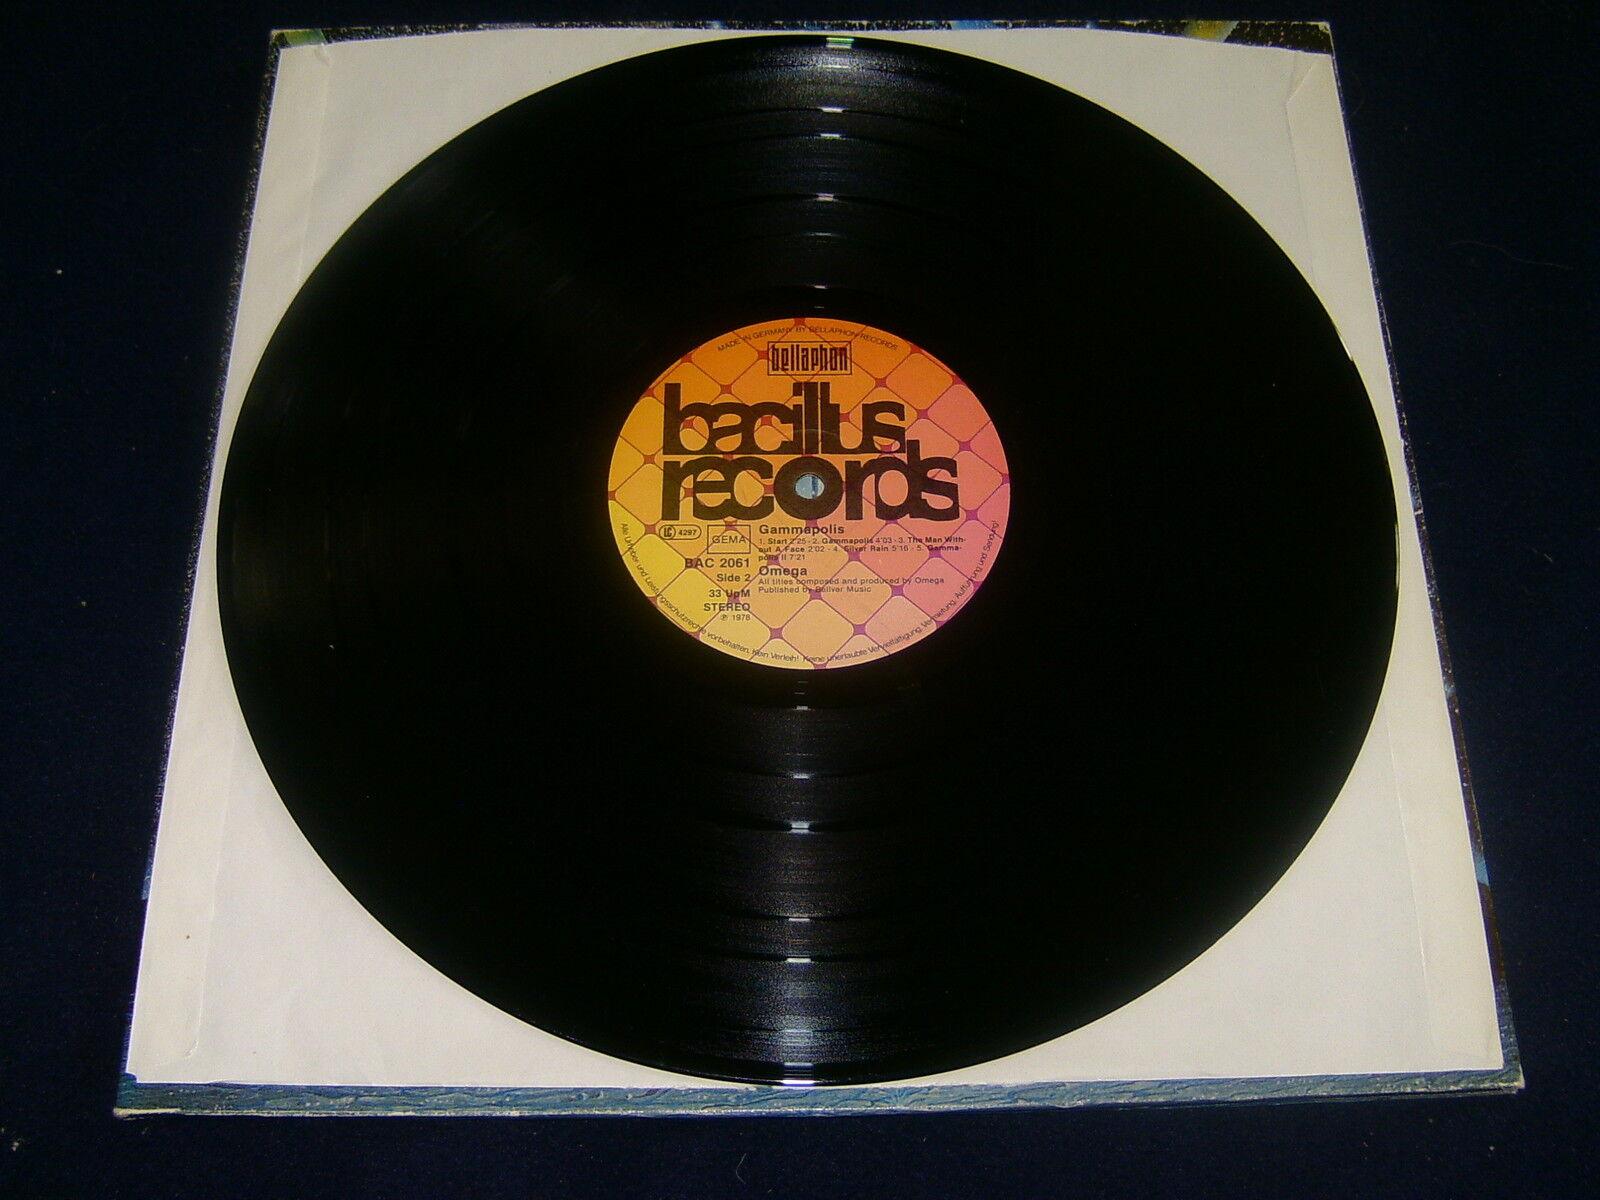 omega gammapolis foc 1978 bacillus records bac 2061 vinyl lp eur 19 00 picclick de. Black Bedroom Furniture Sets. Home Design Ideas